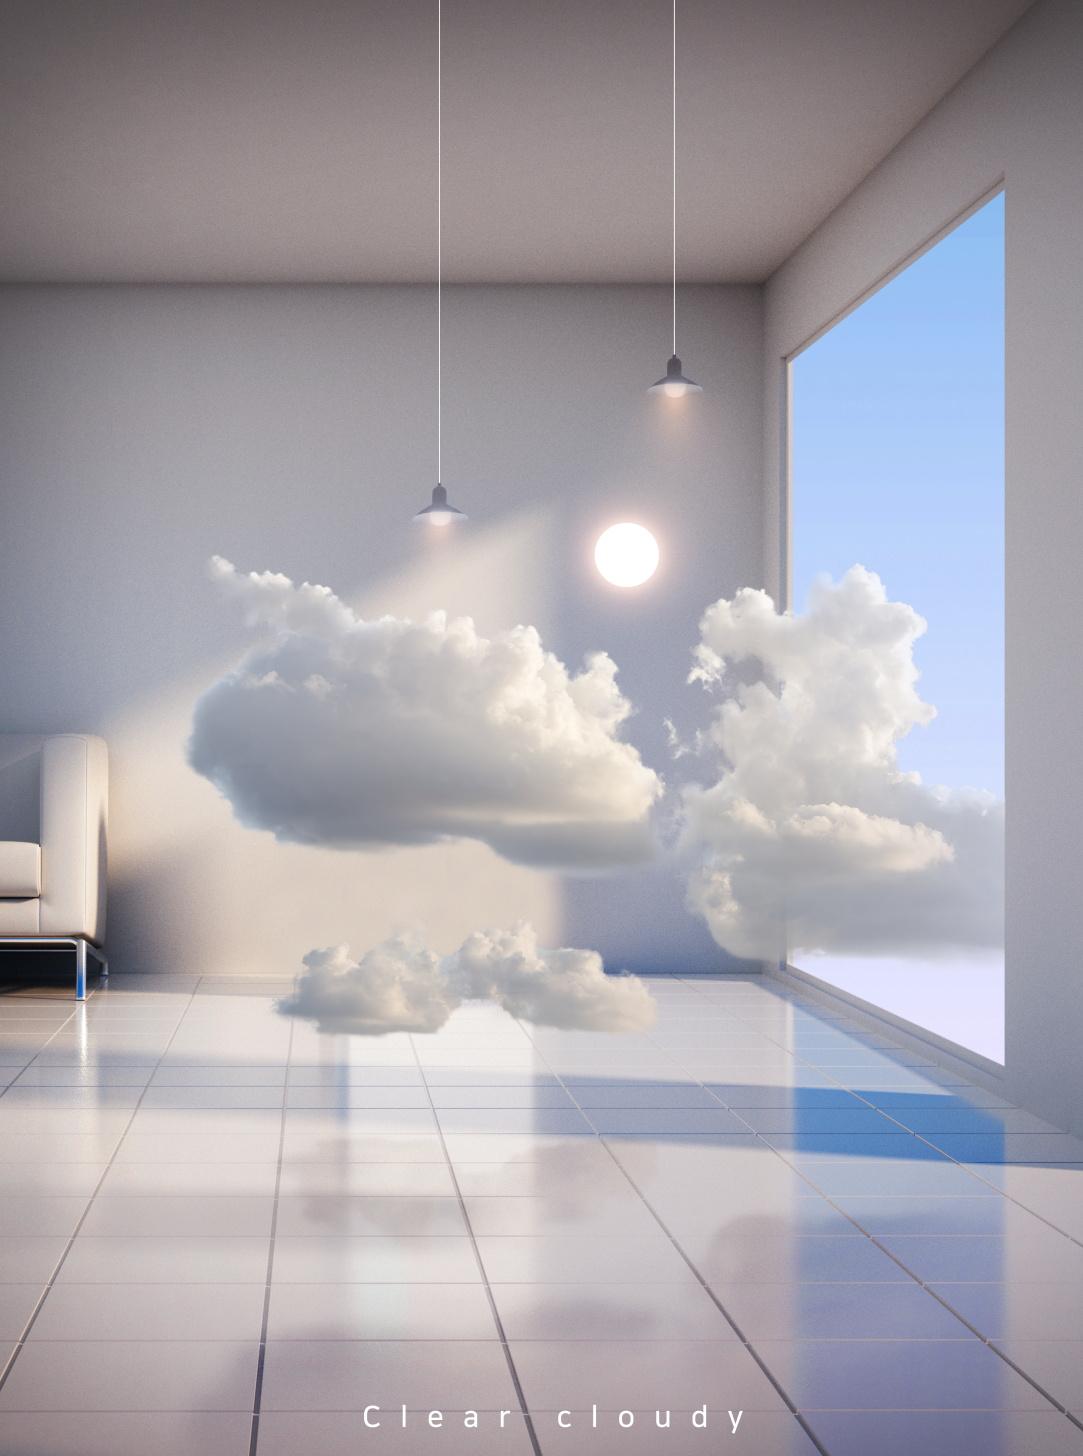 [单独购买] 14款创意梦幻唯美白云云朵企业主视觉KV展板海报设计PSD模版 Cloud Sale Poster Template插图3